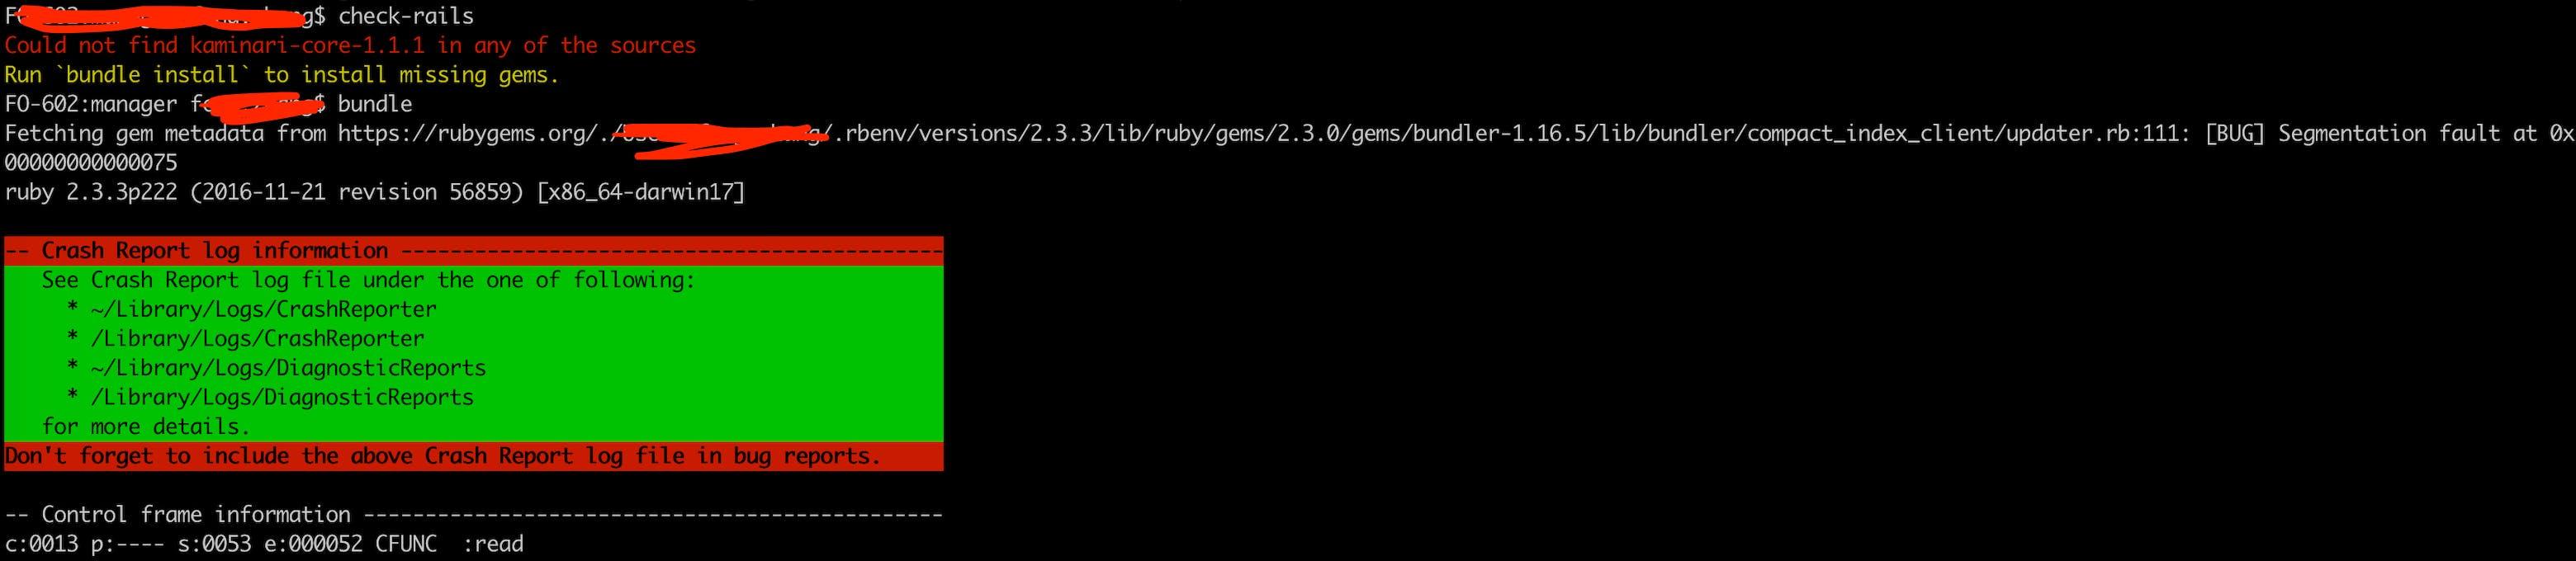 Screen Shot 2018-12-06 at 17.03.05.png